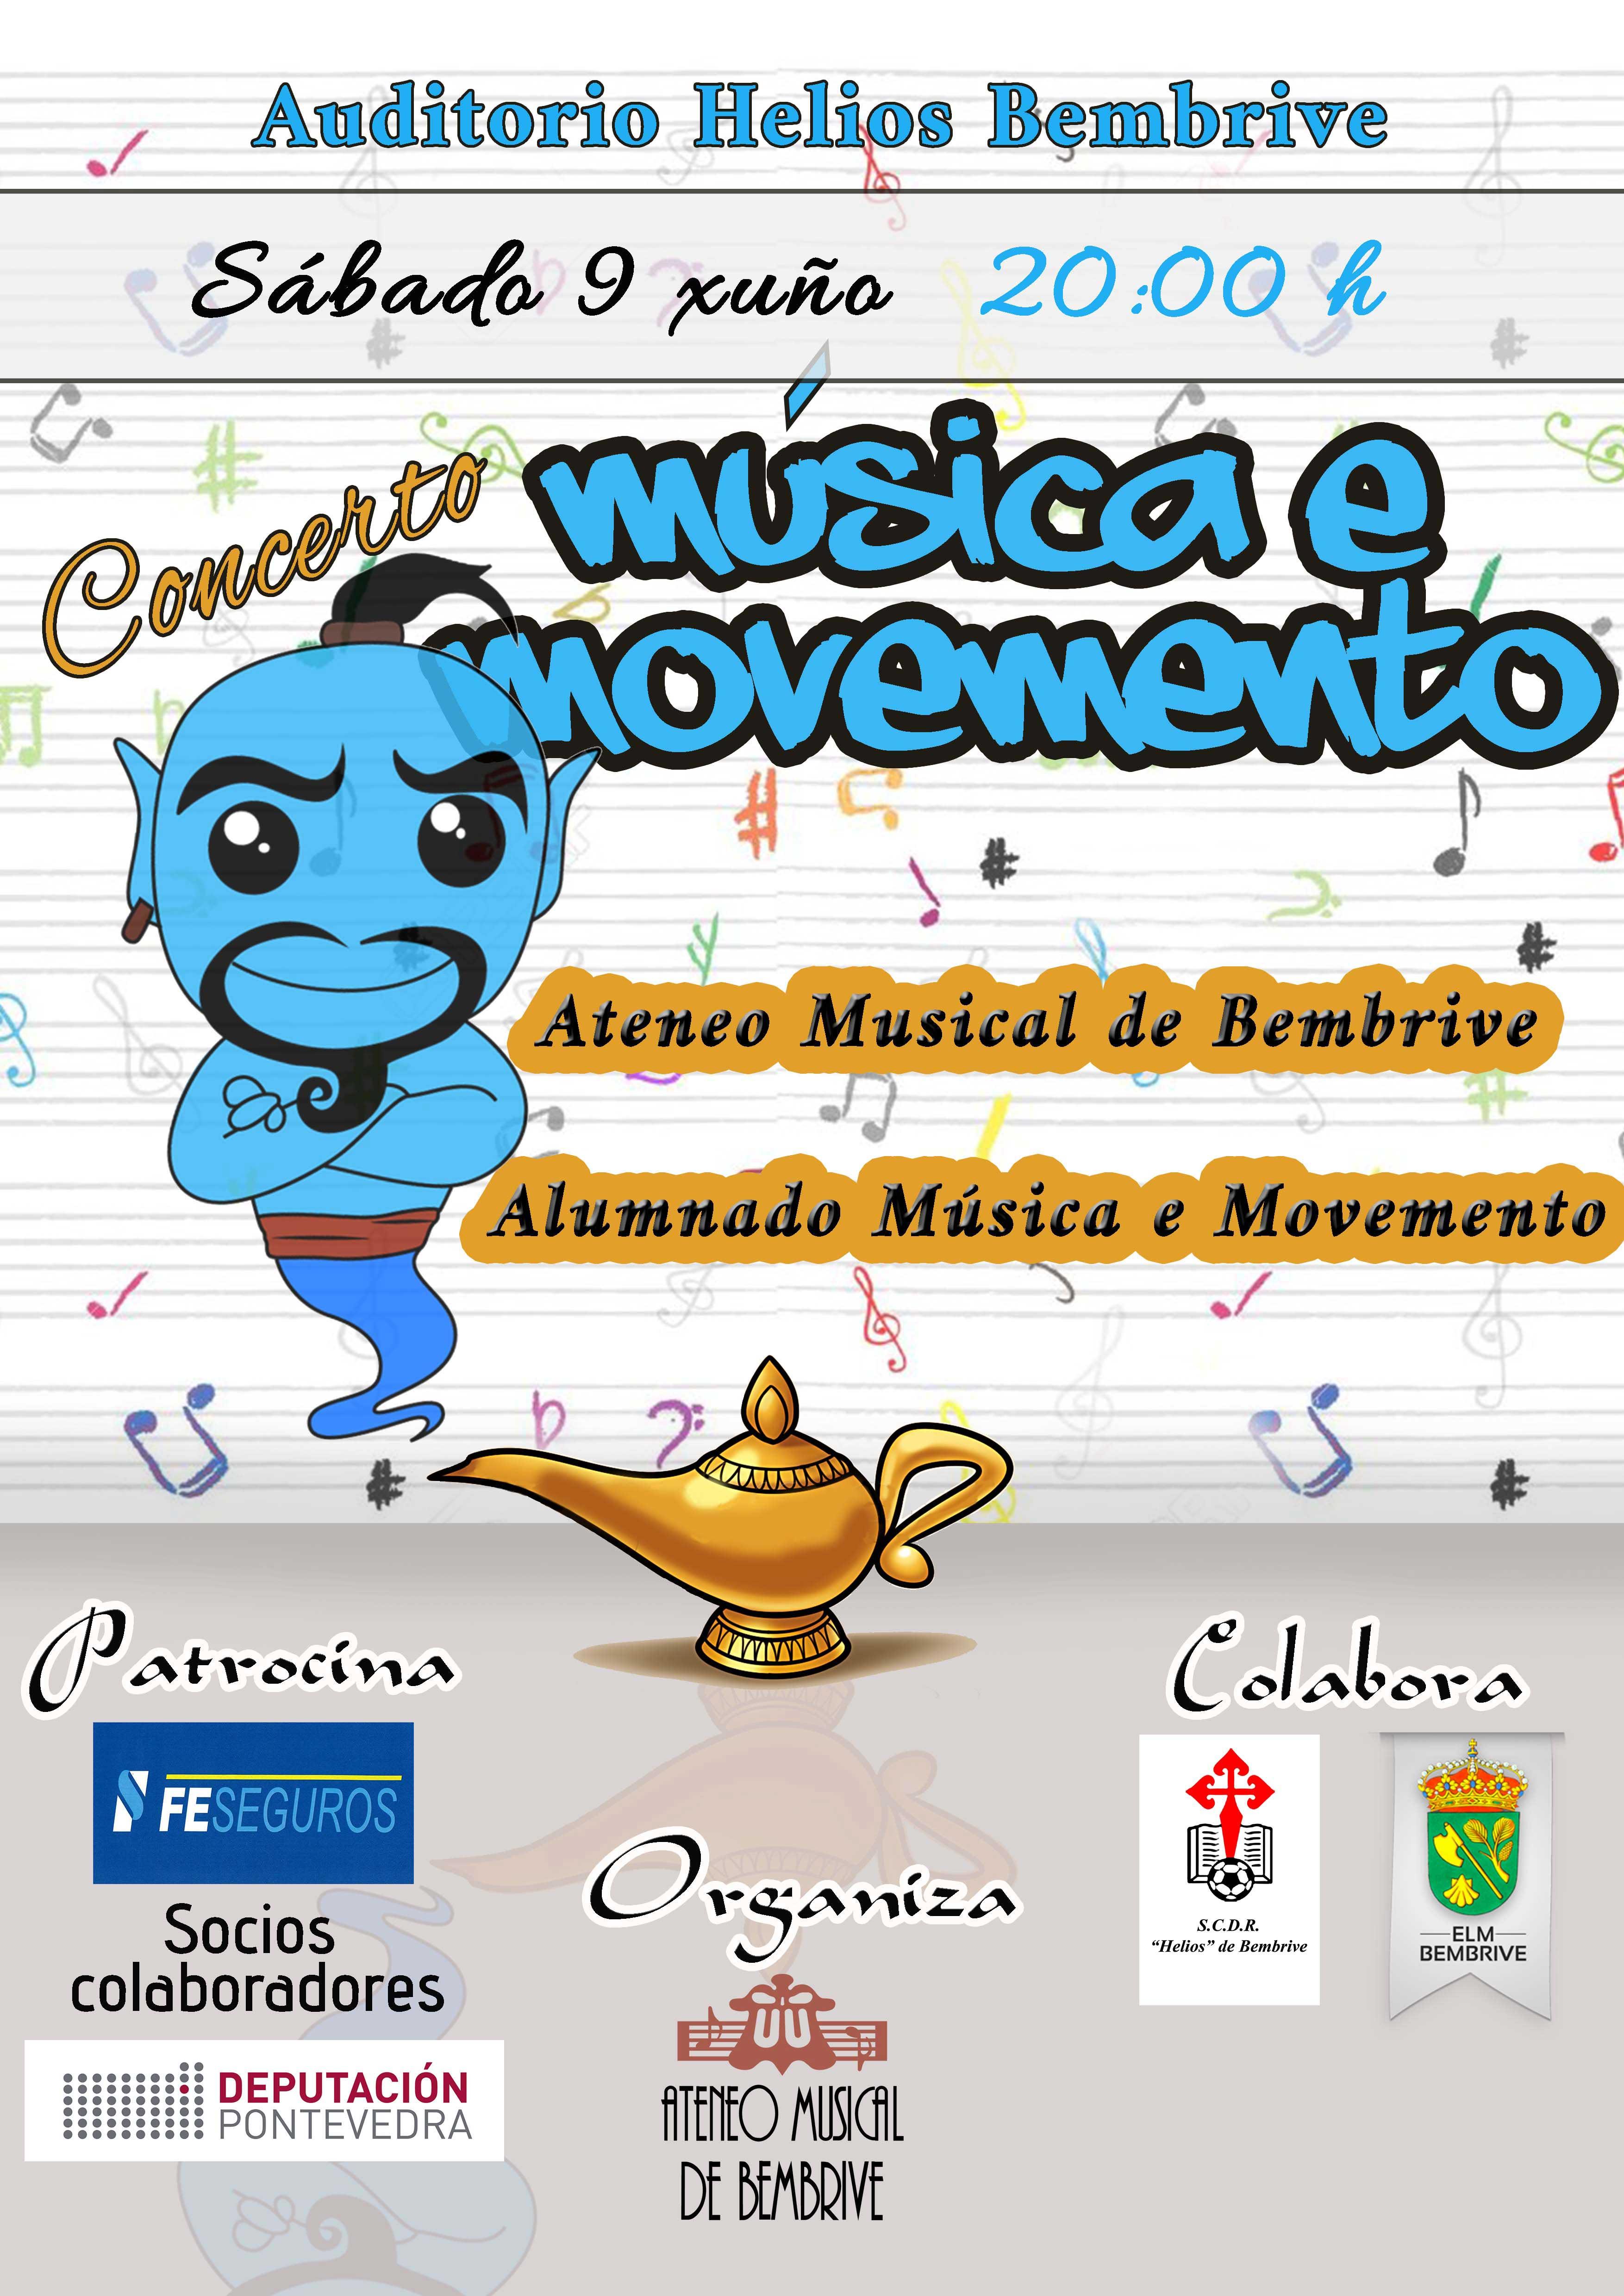 Música E Movemento 2018